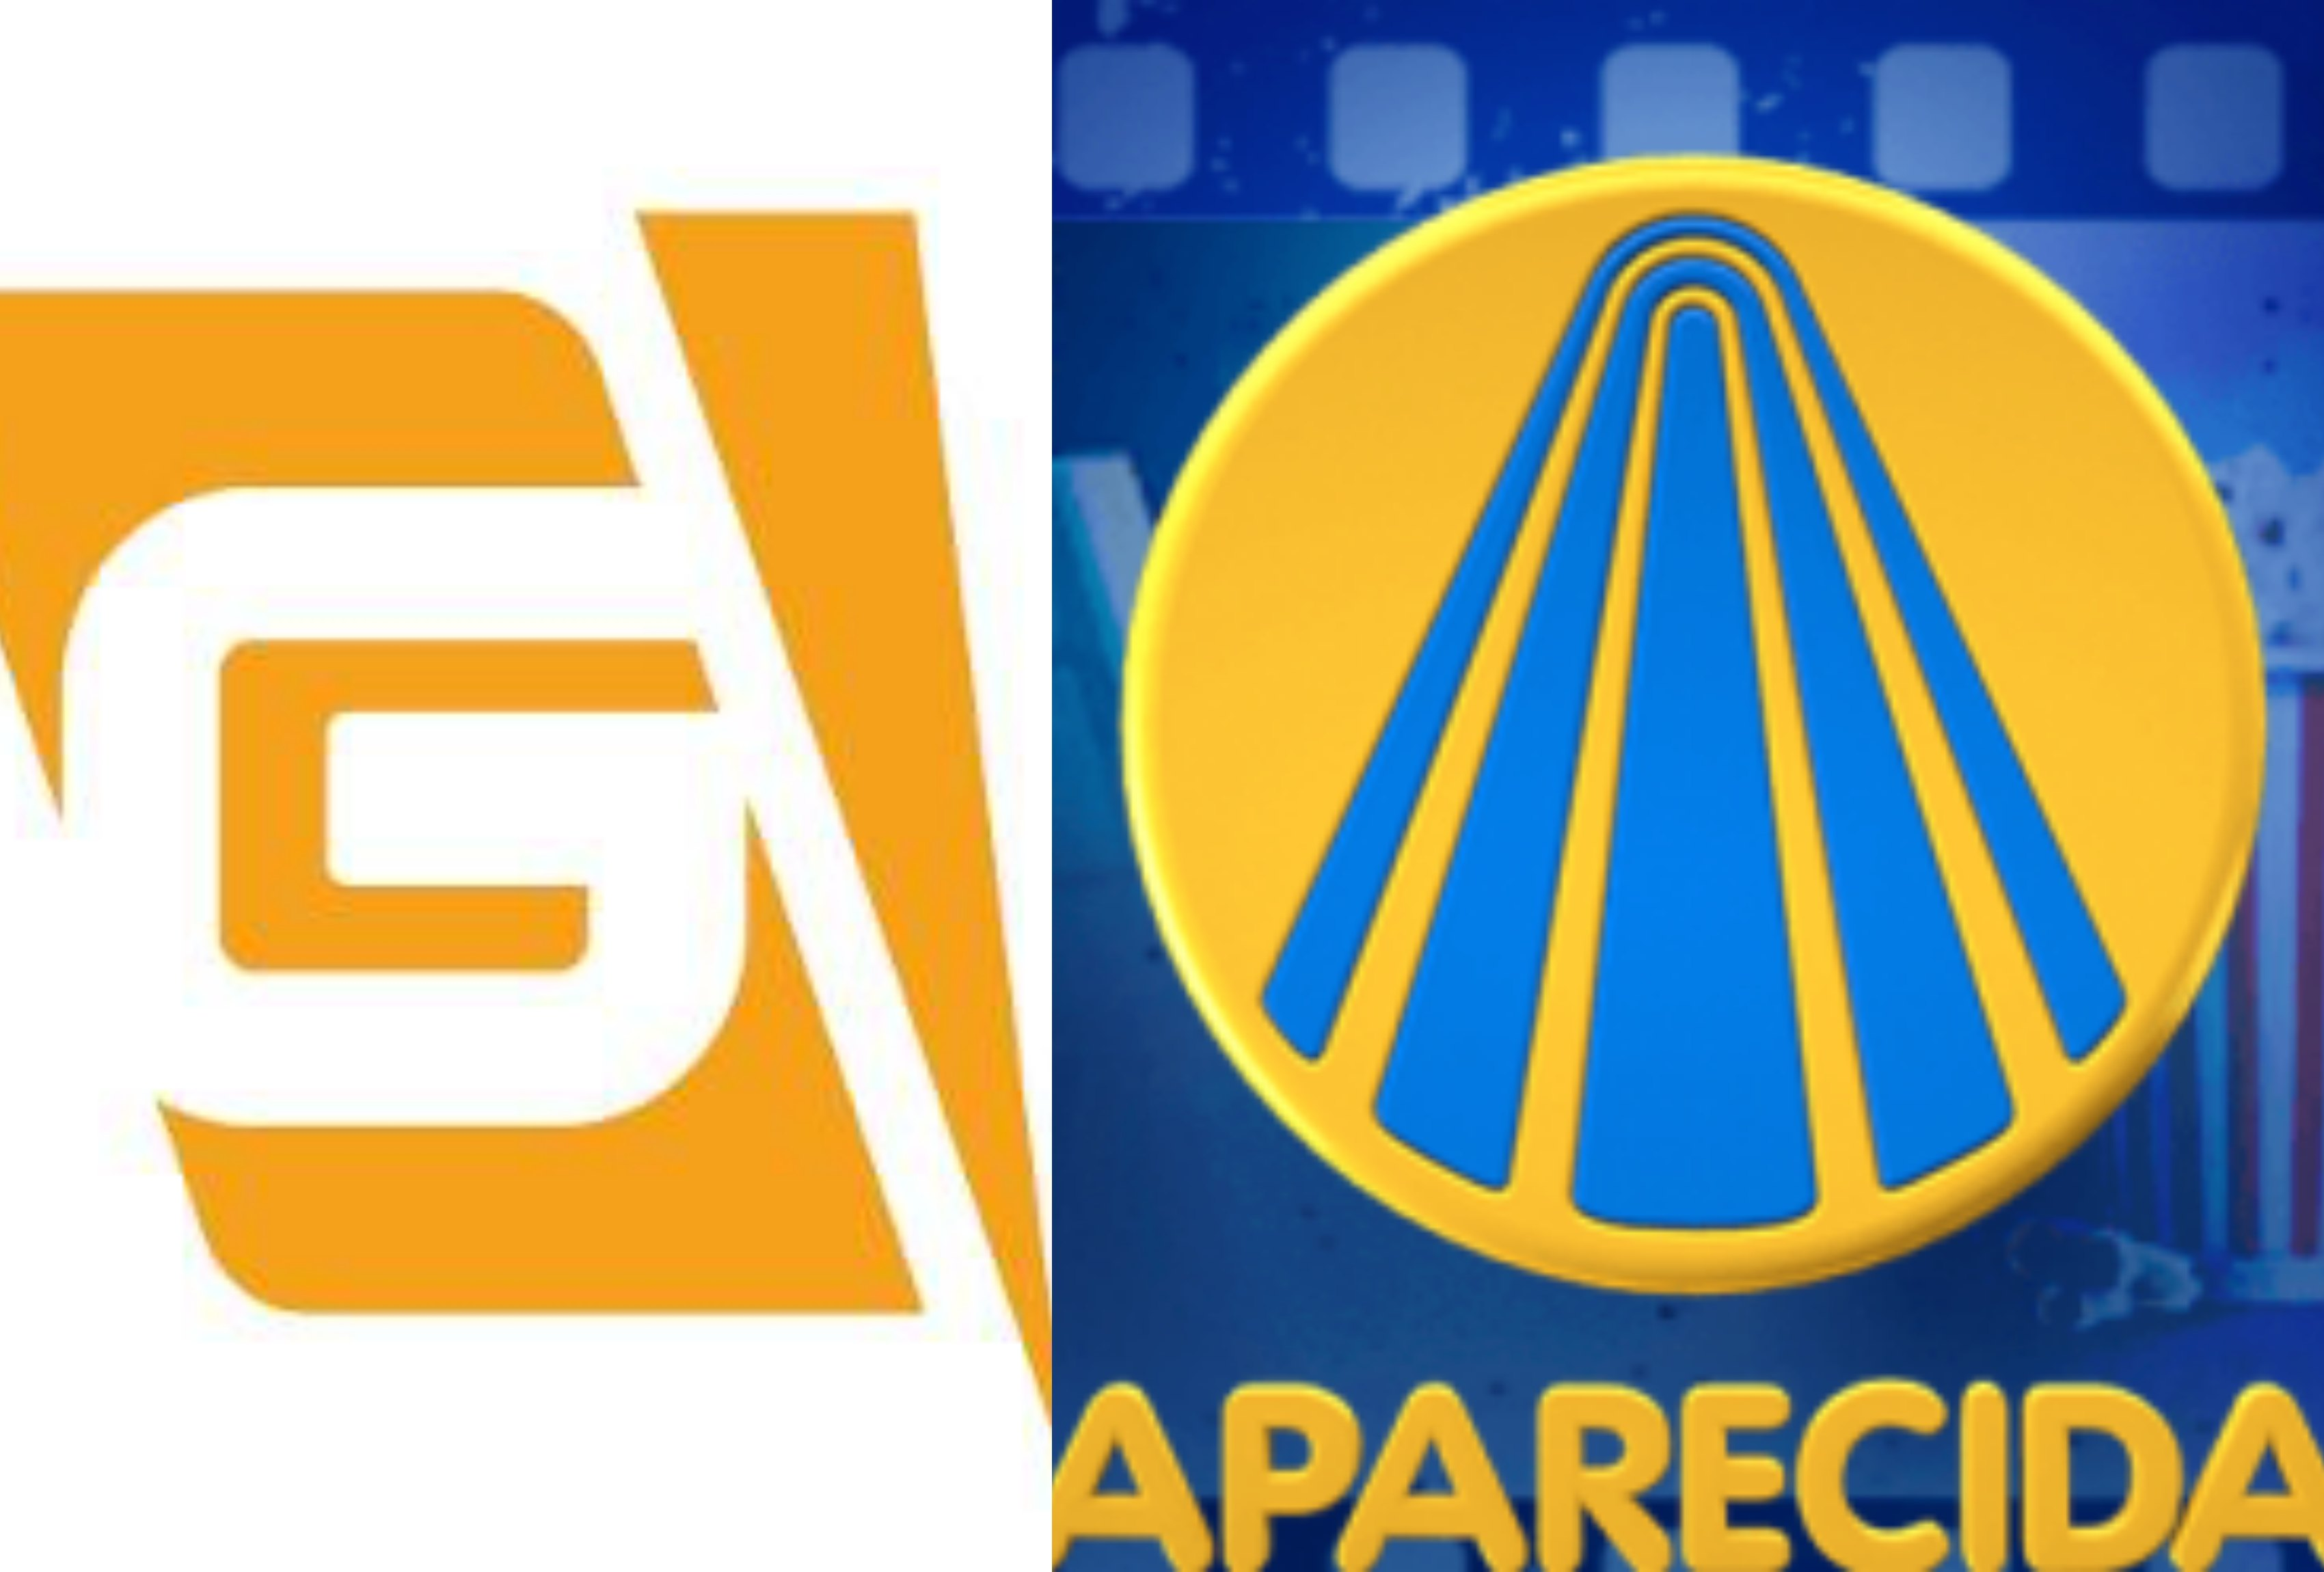 Logo TV Gazeta e TV Aparecida. Foto: Reprodução audiência audiências